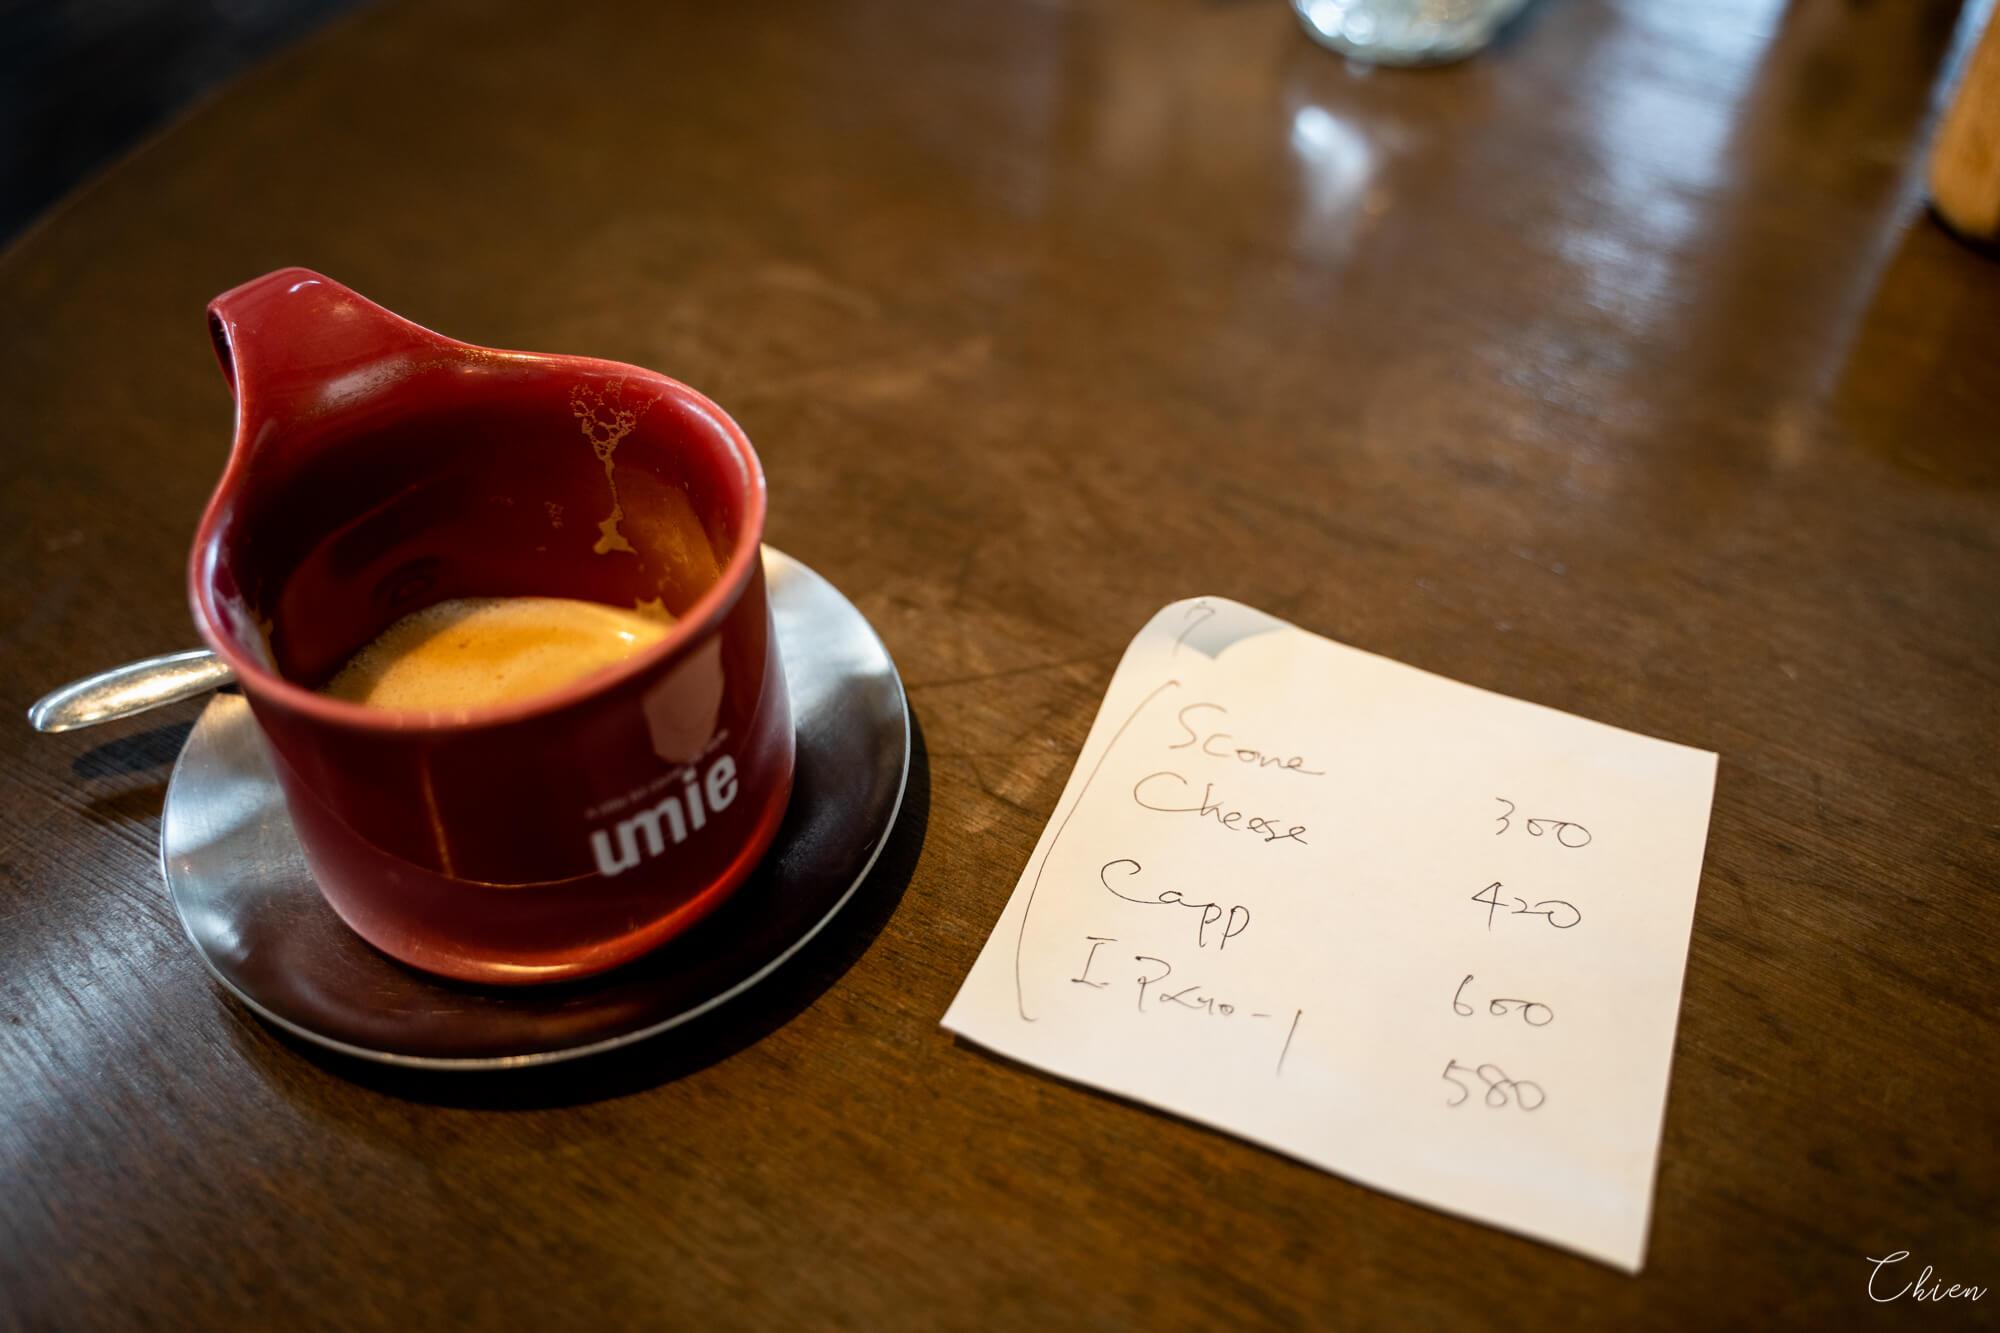 高知香川 Umie瀨戶內海景咖啡廳 拿鐵咖啡